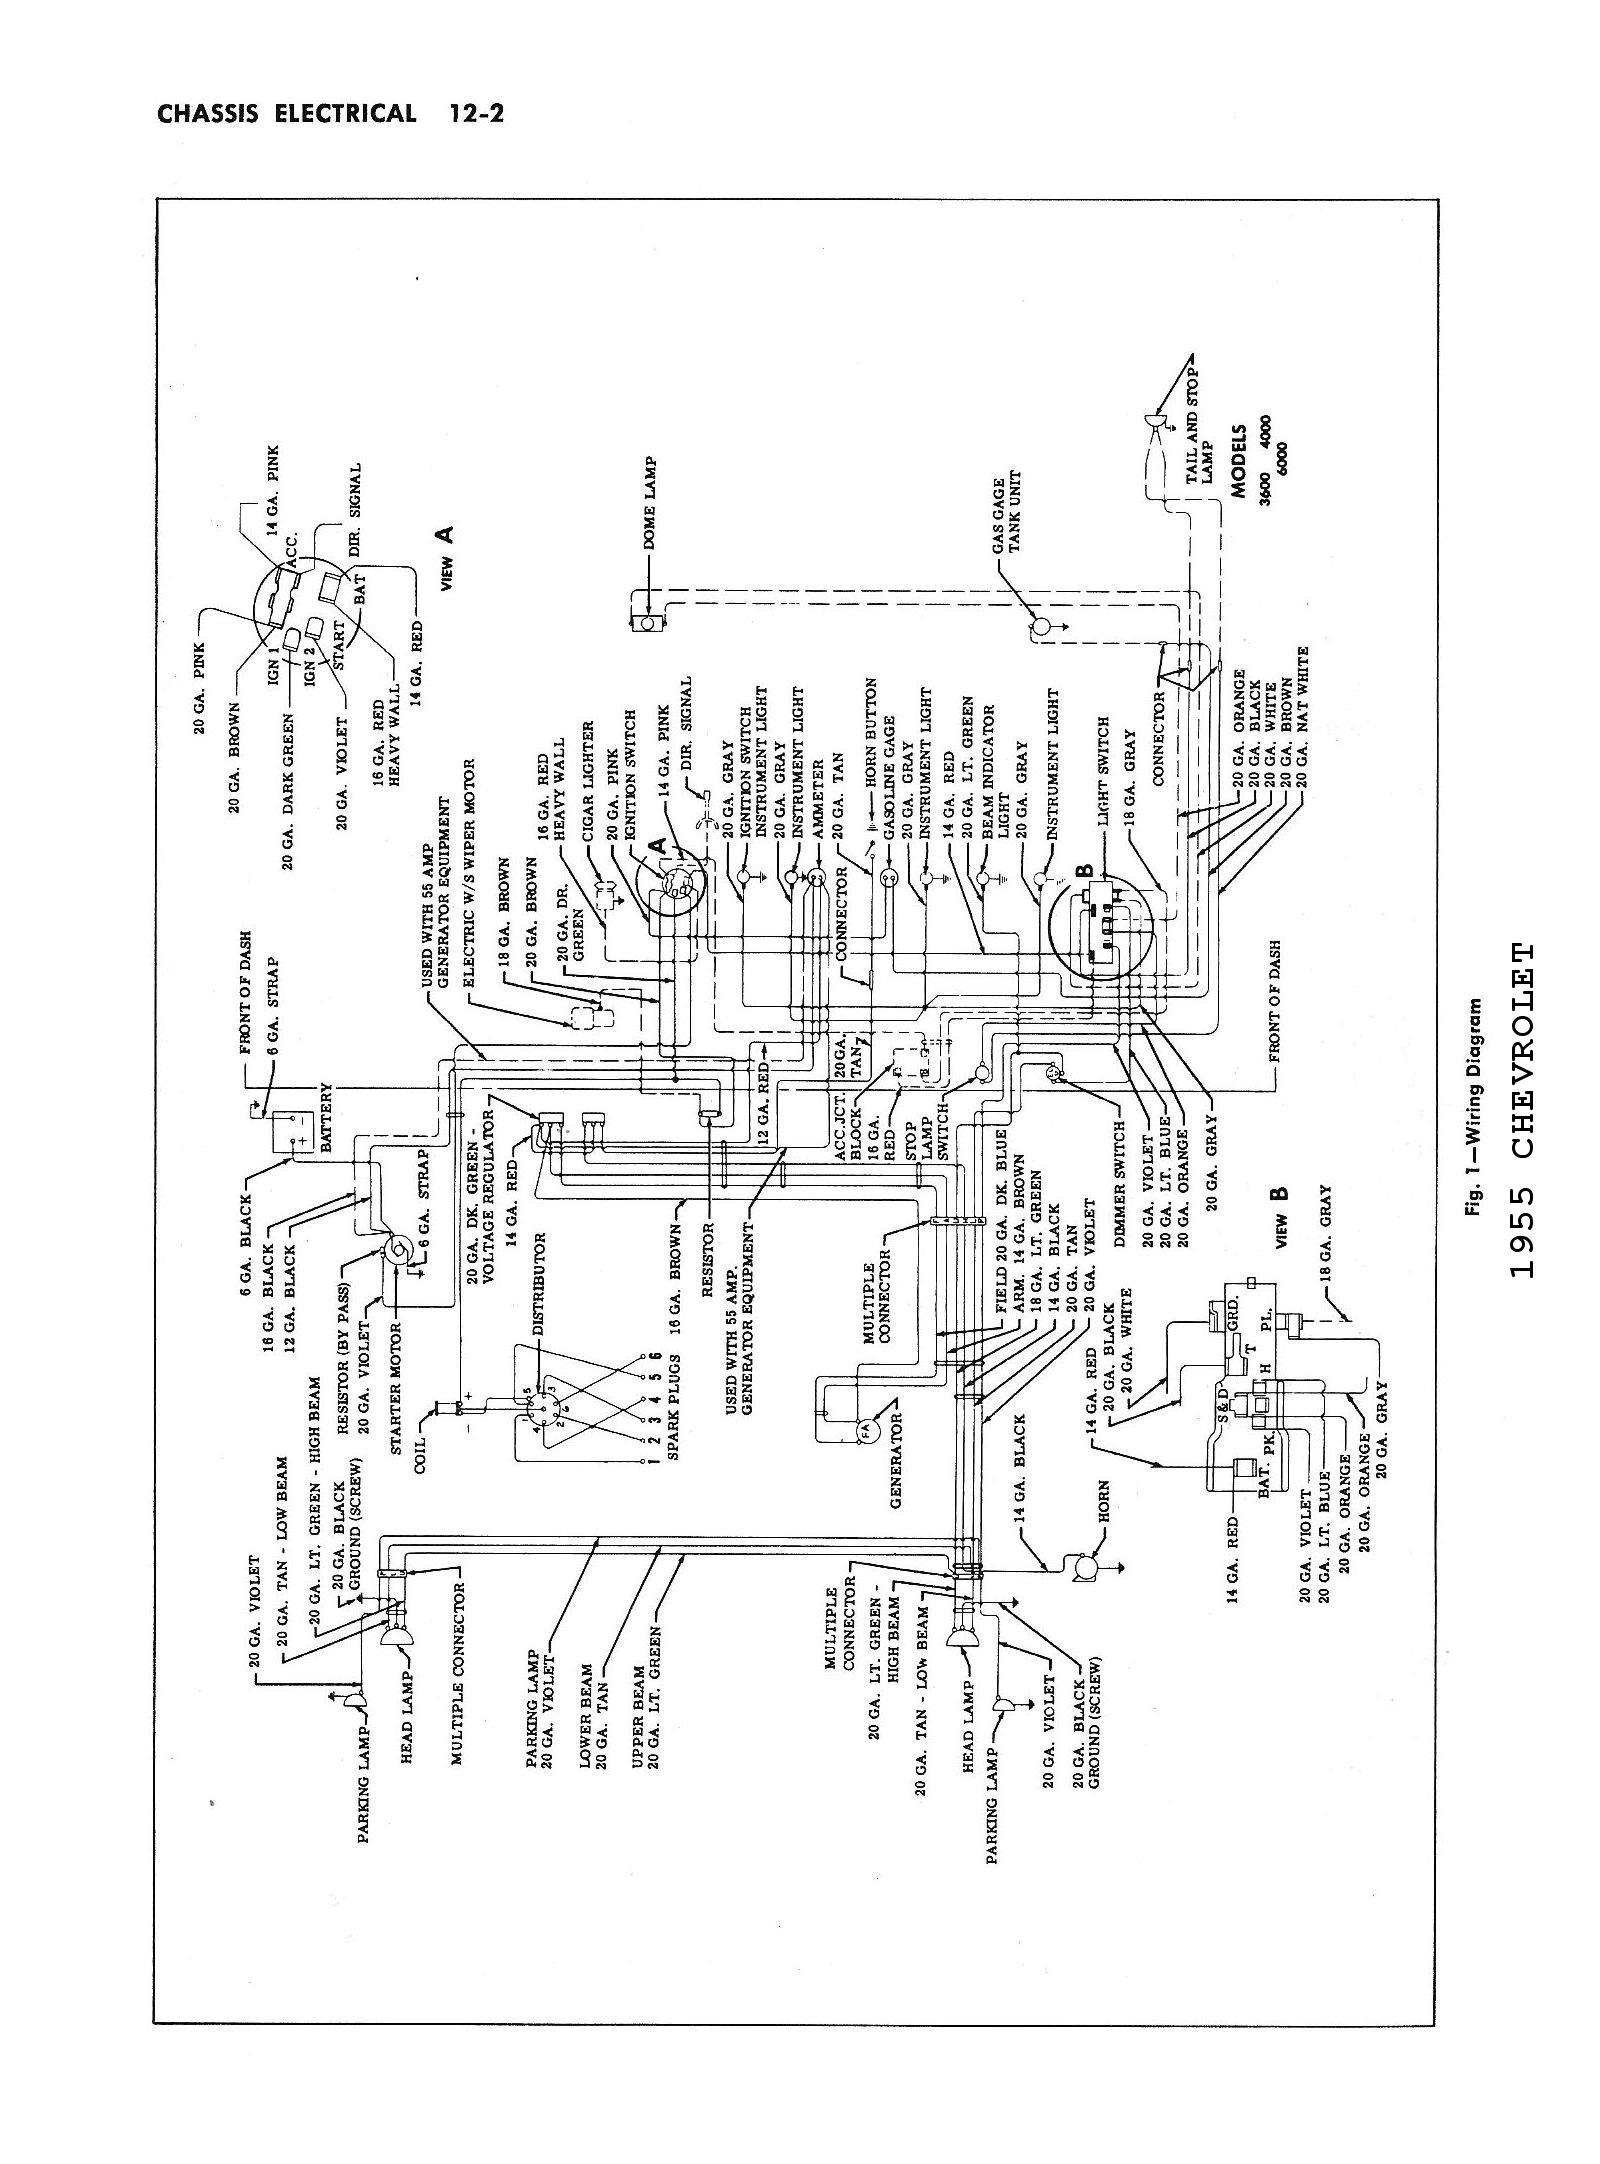 Pleasing Chevy Wiring Diagrams Wiring Cloud Ymoonsalvmohammedshrineorg